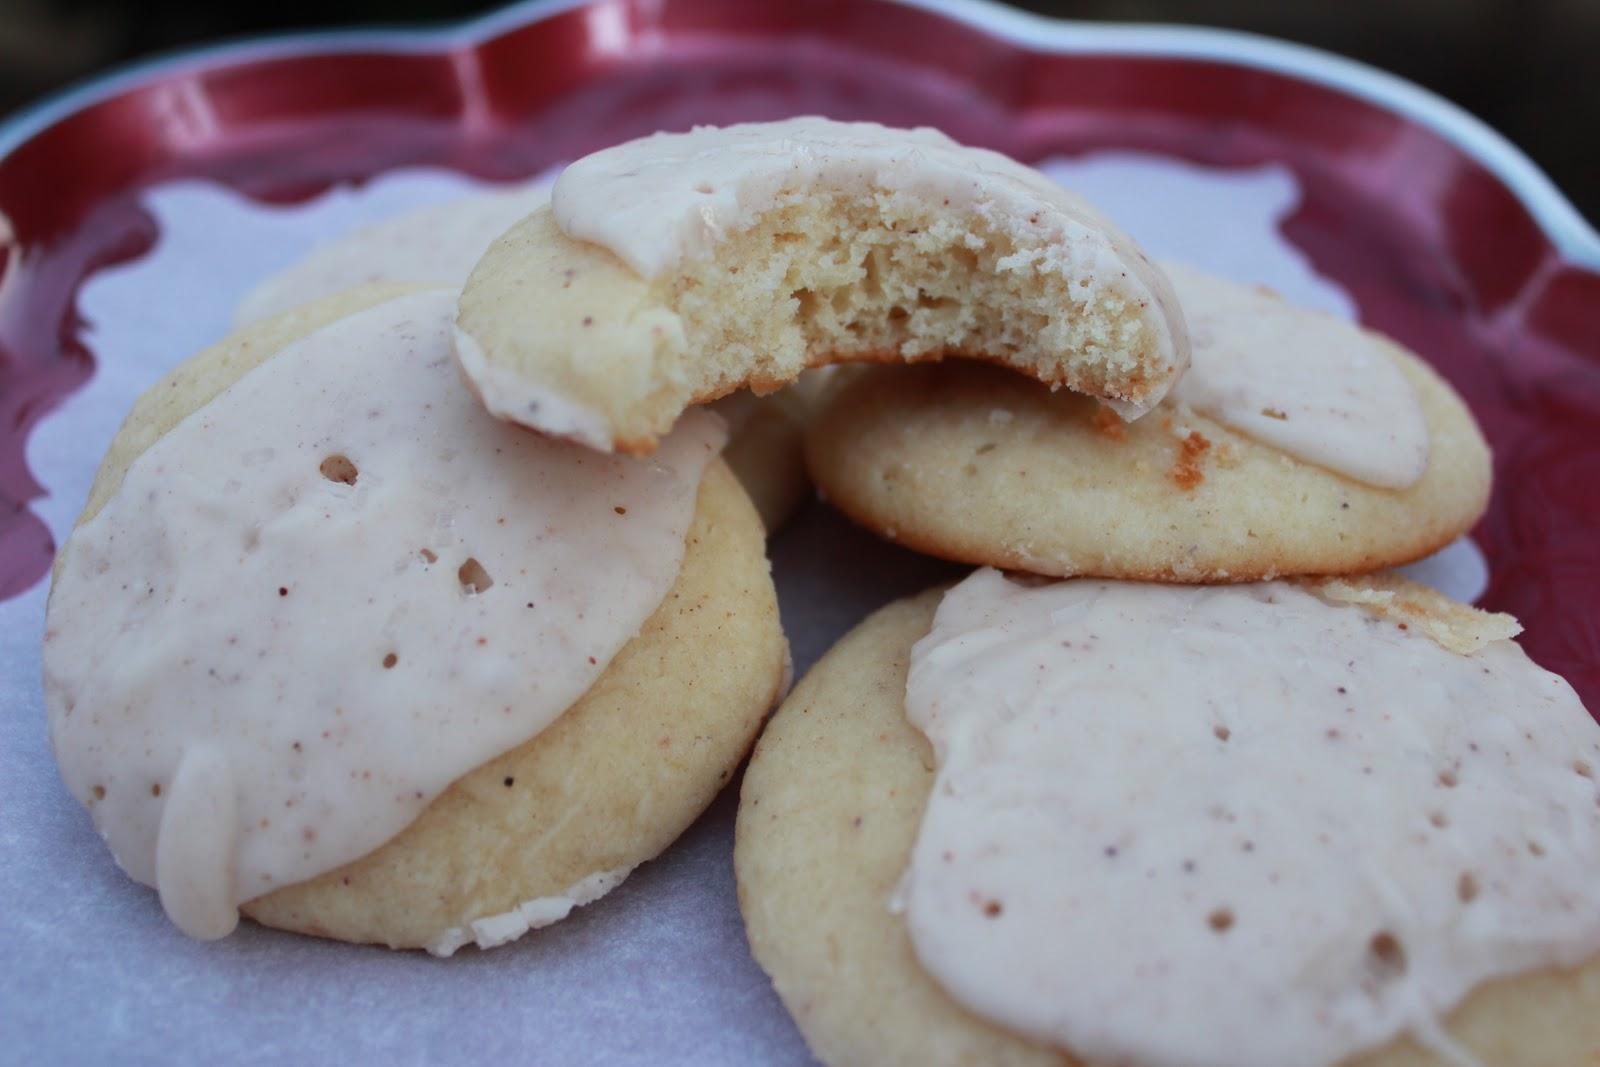 Squirrels-n-Sweets: Iced Eggnog Cookies